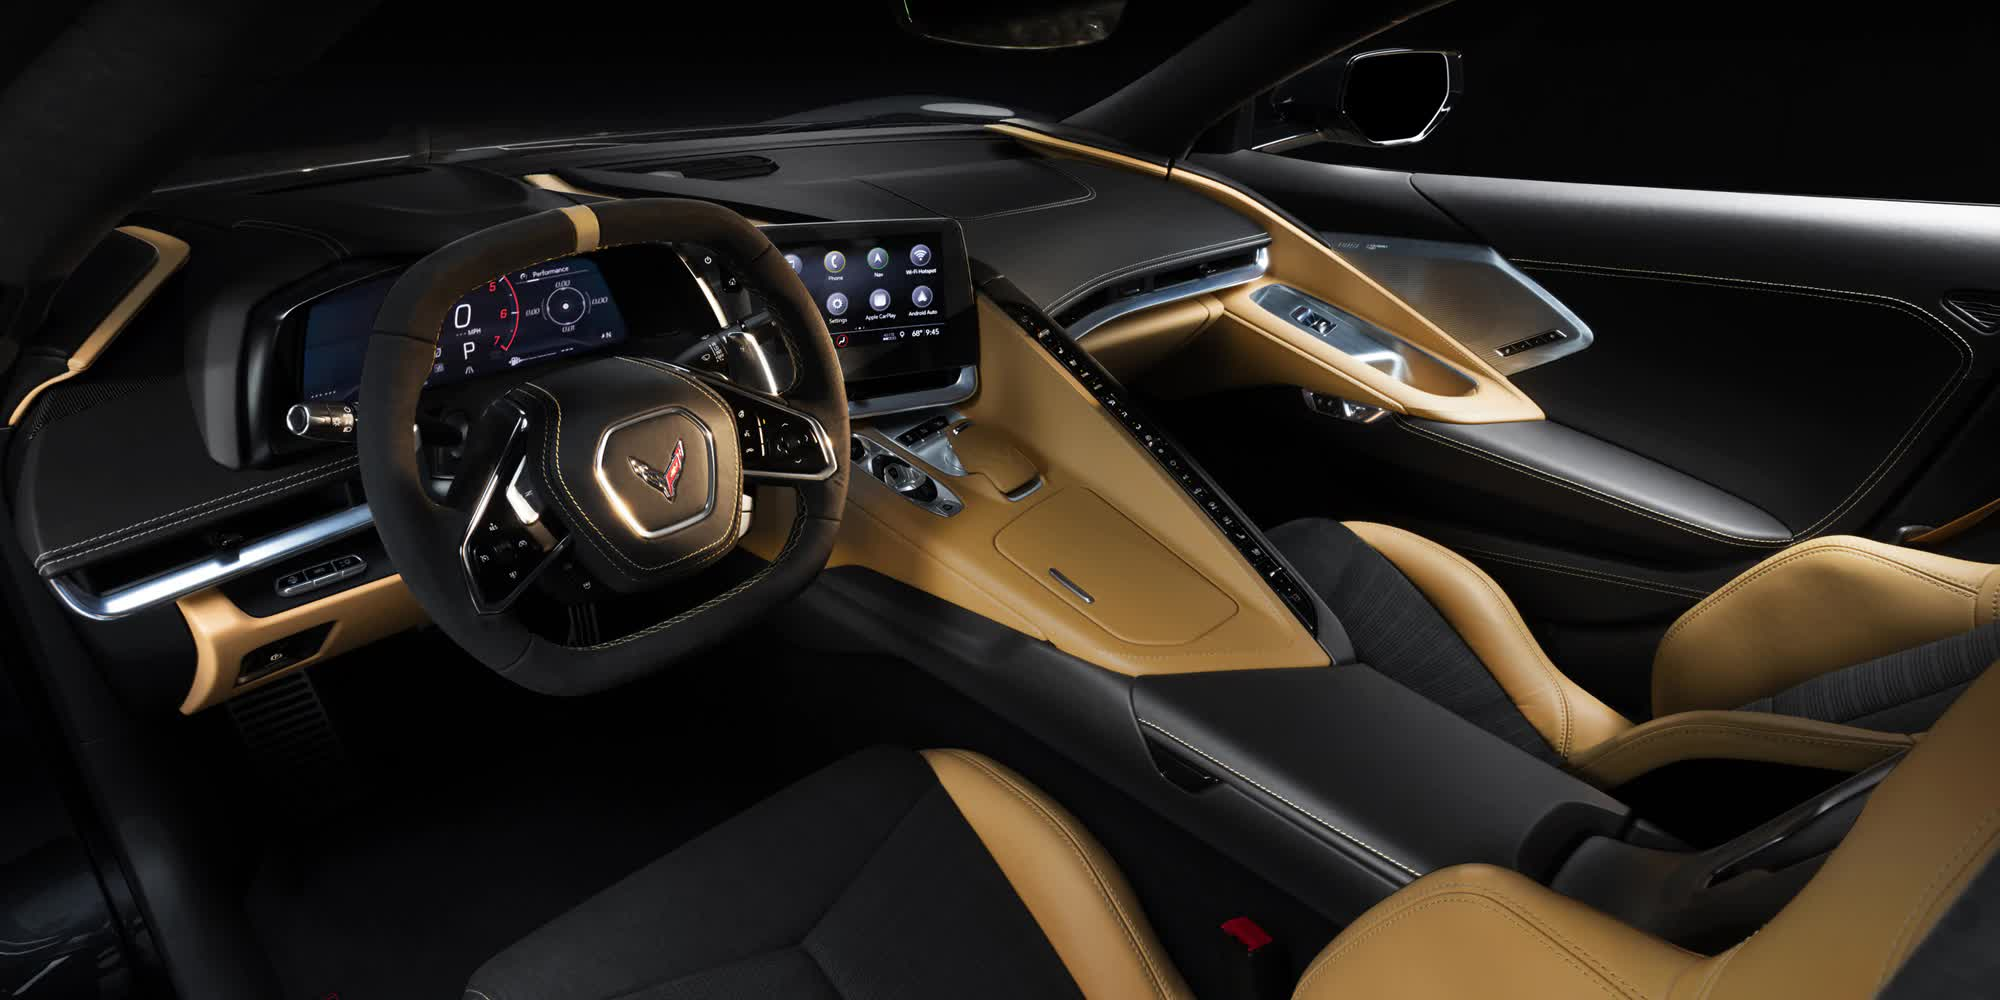 sedili-e-volante-in-pelle-beige-Corvette-c8-stingray-2020-auto-sportiva-a-motore-centrale-disponibile-con-allestimento-coupe-e-convertible-in-esclusiva-presso-gruppo-cavauto-a-Monza.jpg